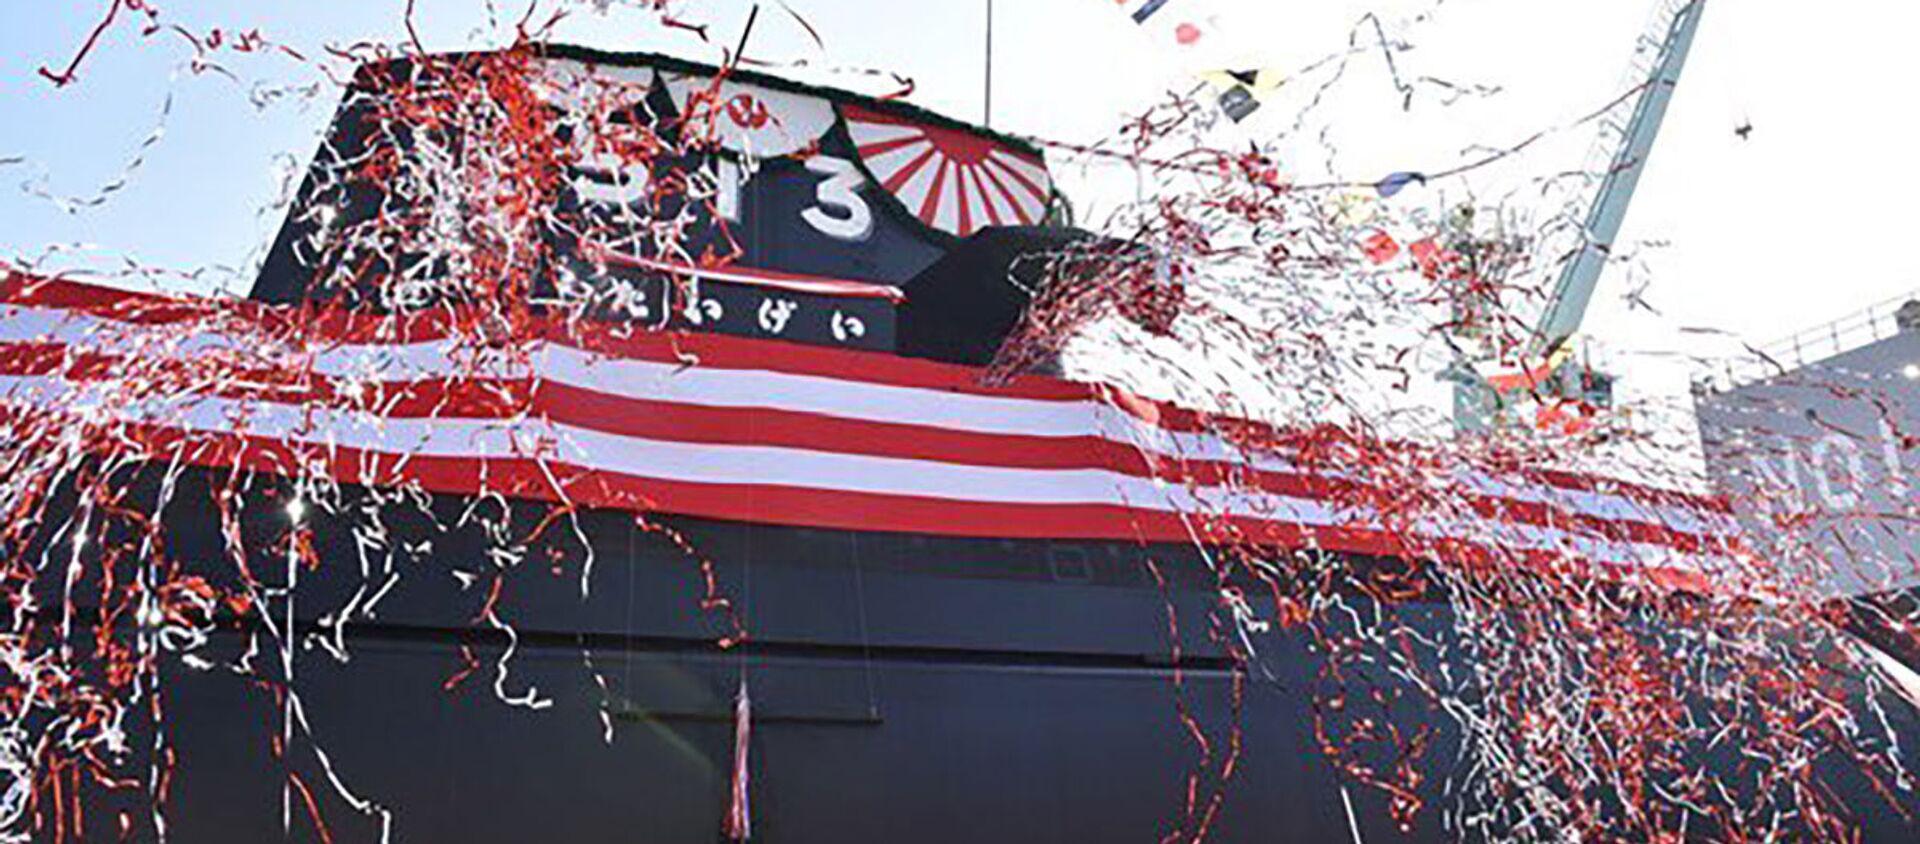 Lễ hạ thủy tàu ngầm diesel-stirling-điện mới nhất Taigei tại thành phố Kobe của Nhật Bản - Sputnik Việt Nam, 1920, 14.10.2020